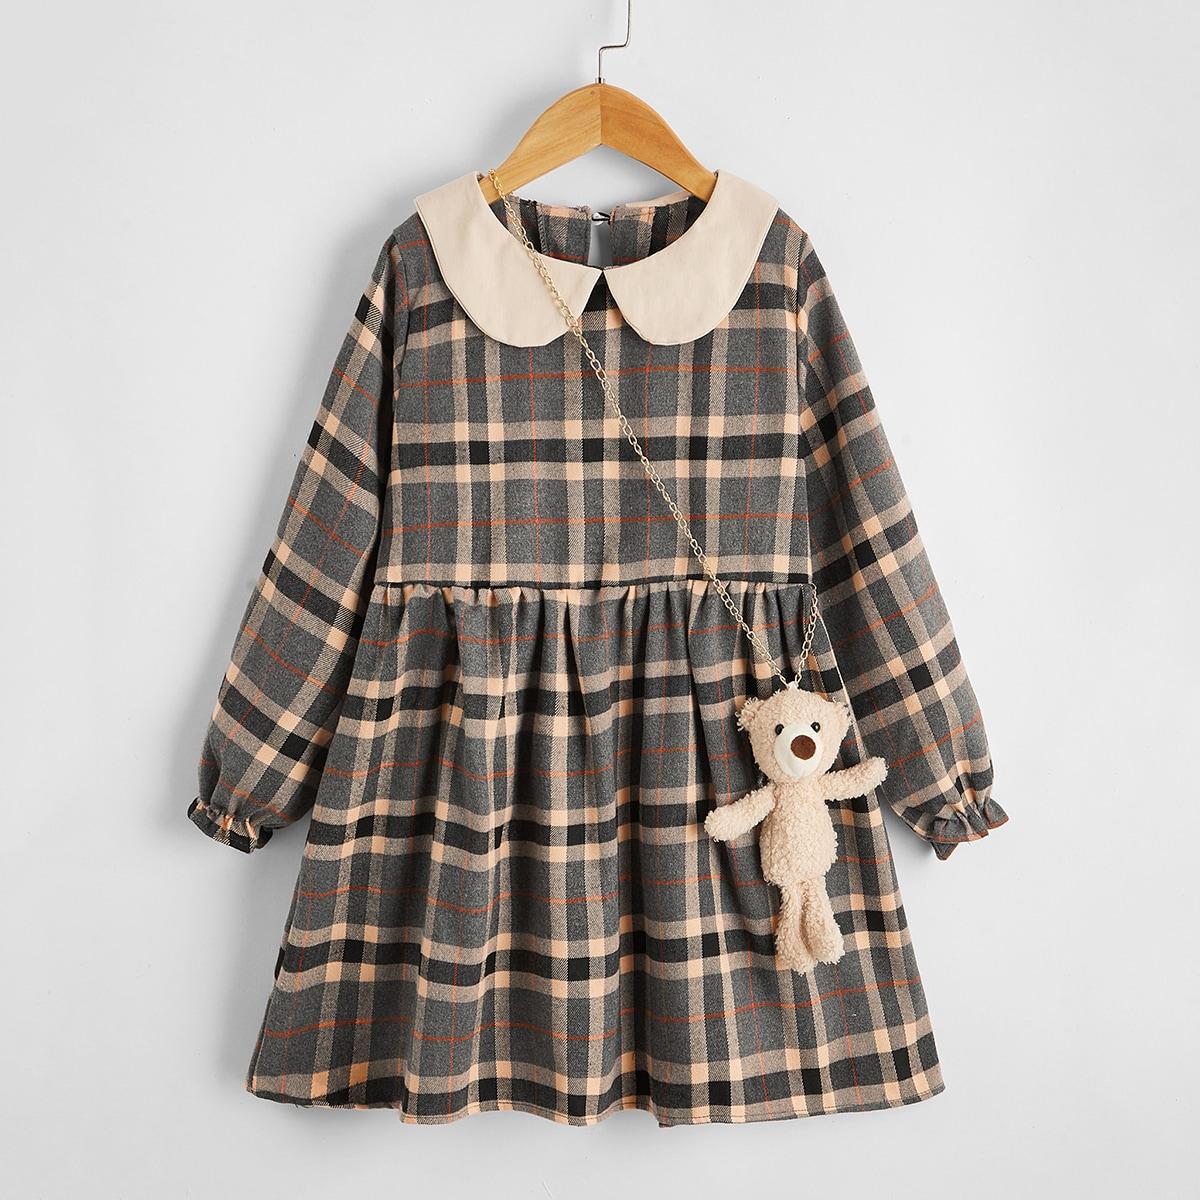 Babydoll Kleid mit Plaid Muster und Peter Pan Kragen & Teddy Ohr Design